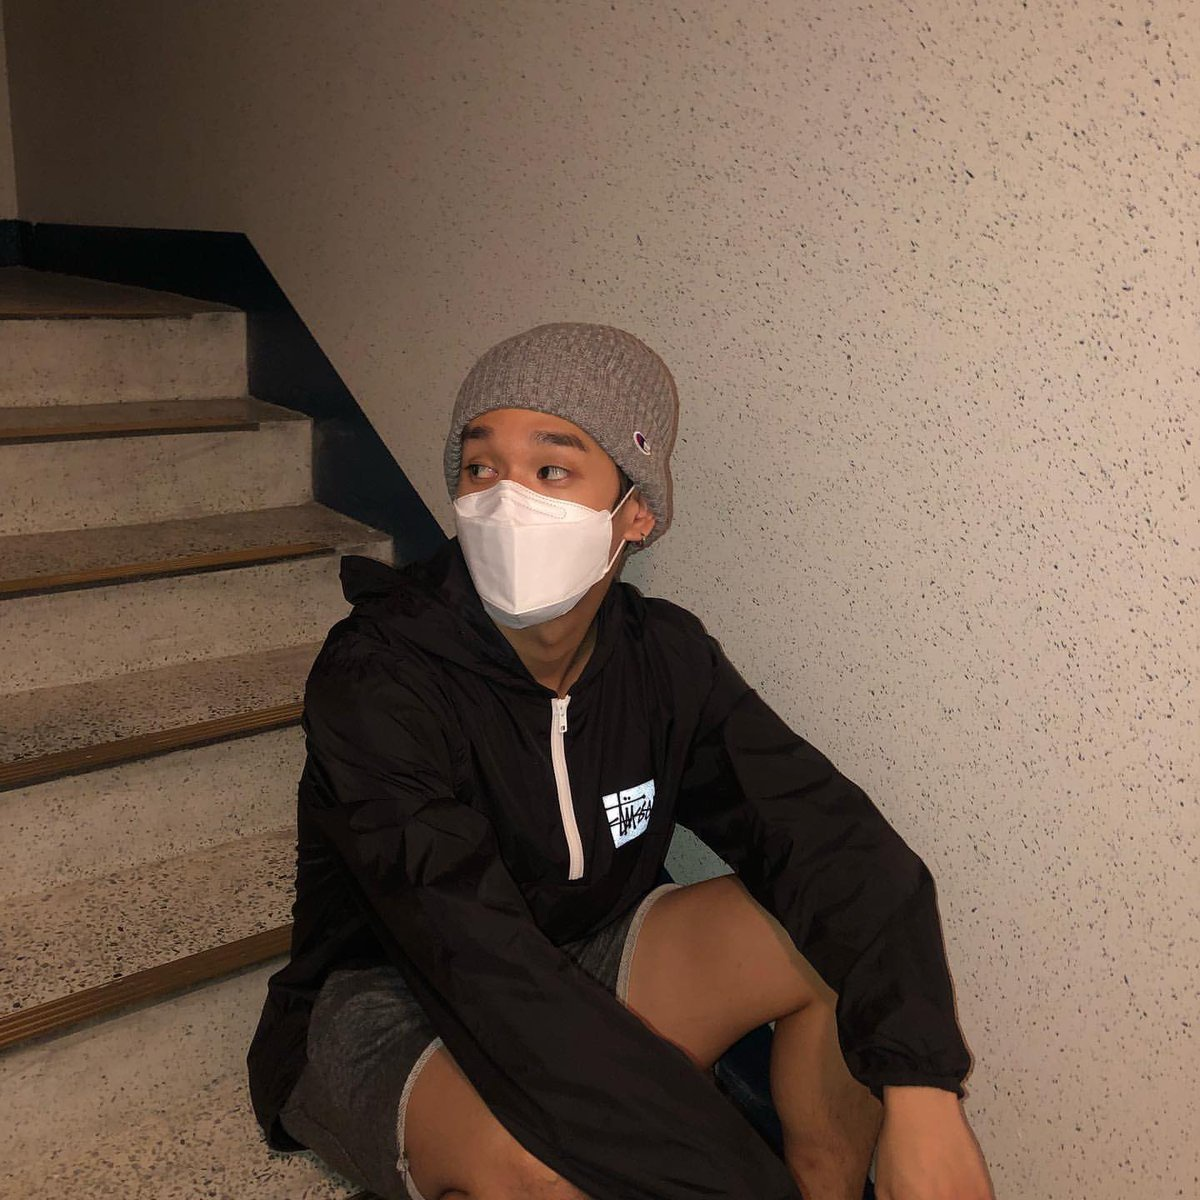 【200915 인스타그램】 ©︎hellogloom 🤷♂️_1